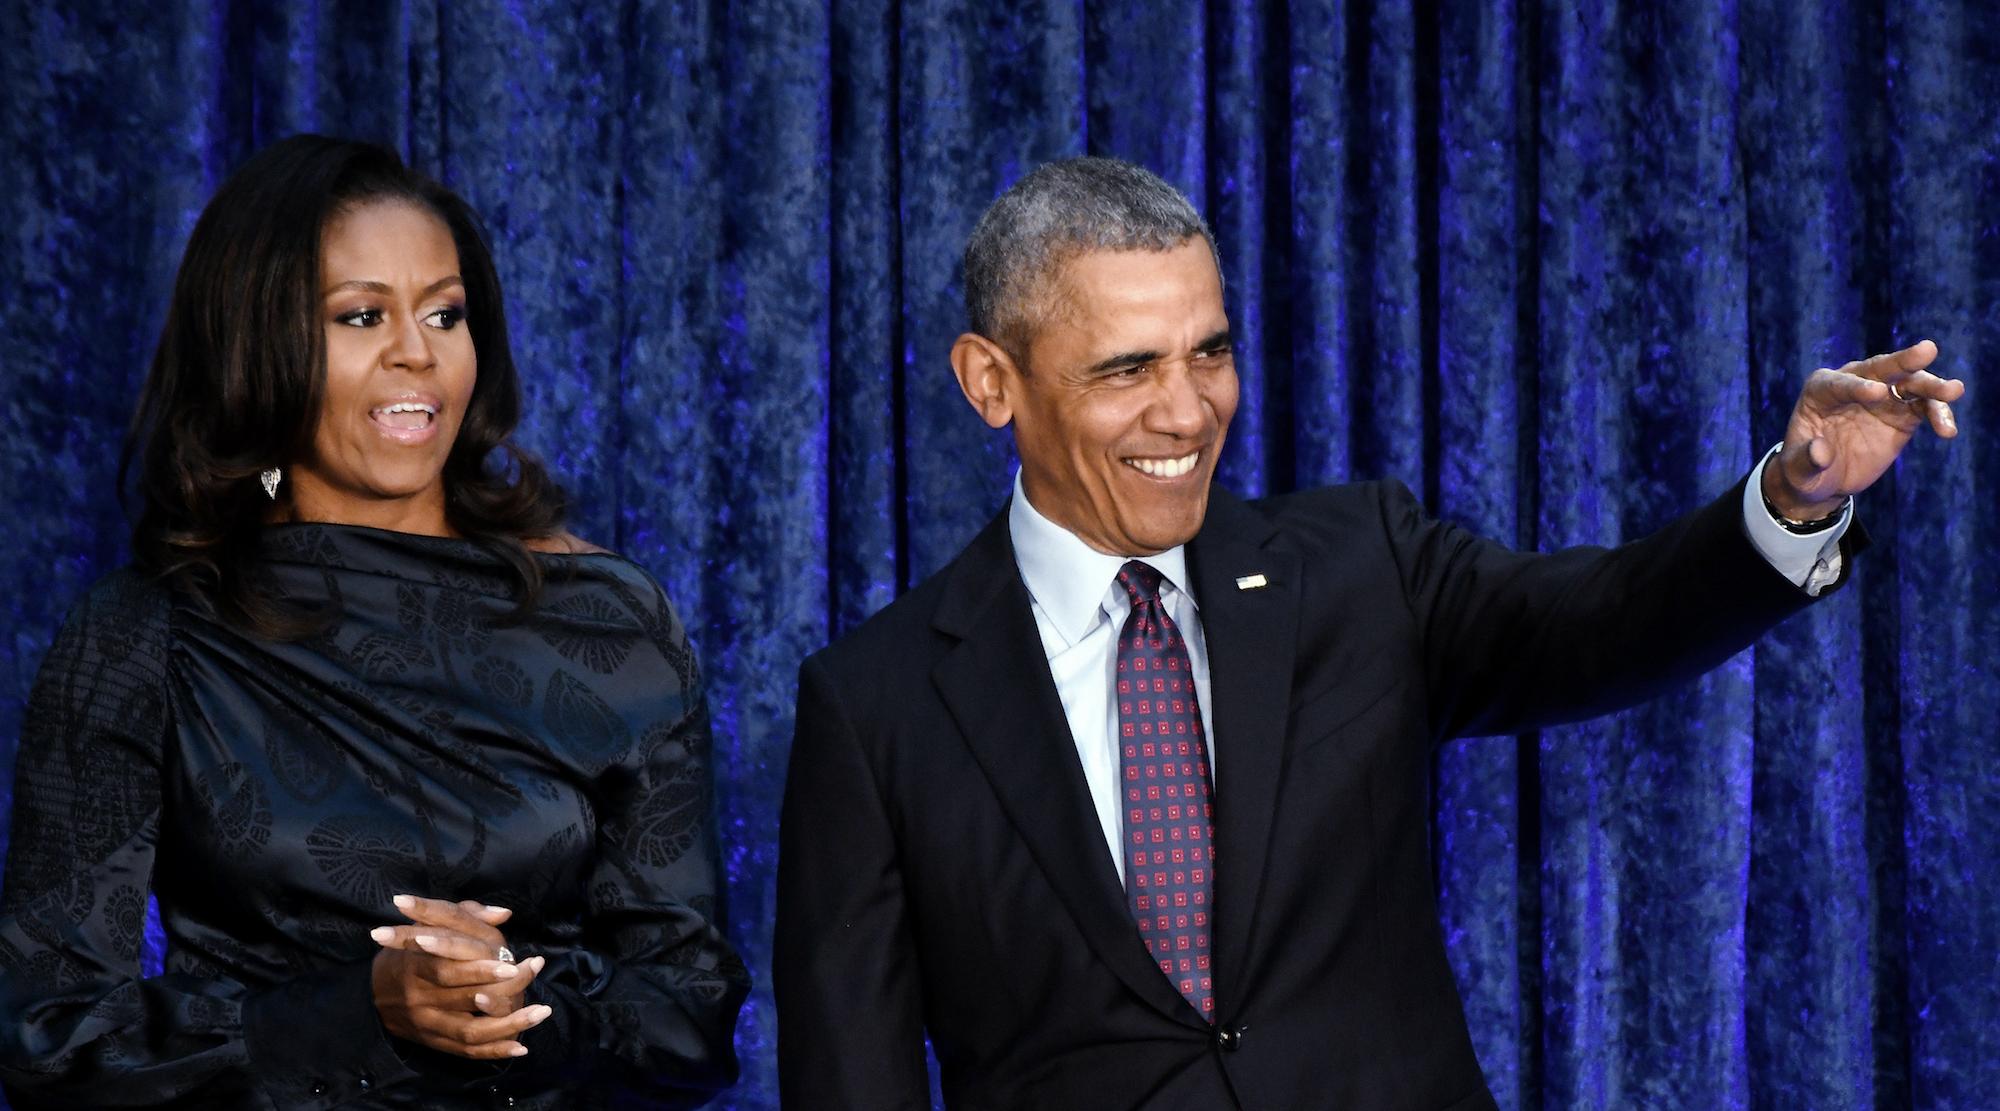 Obama jokes about 'big ears' in portrait